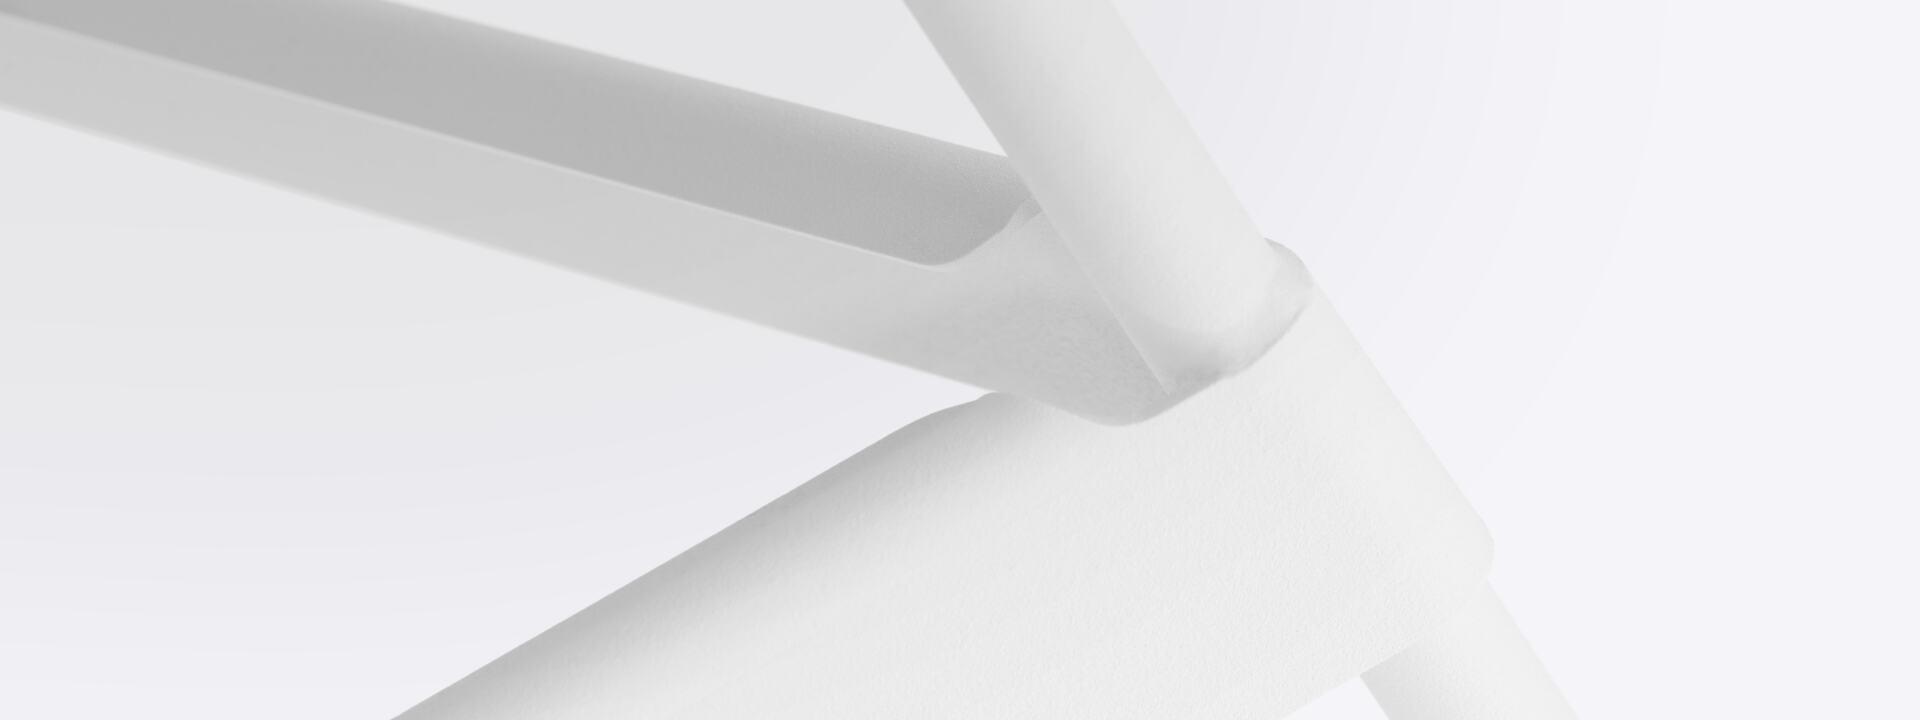 Ravioli Linoleum Barhocker M, Stühle & Hocker